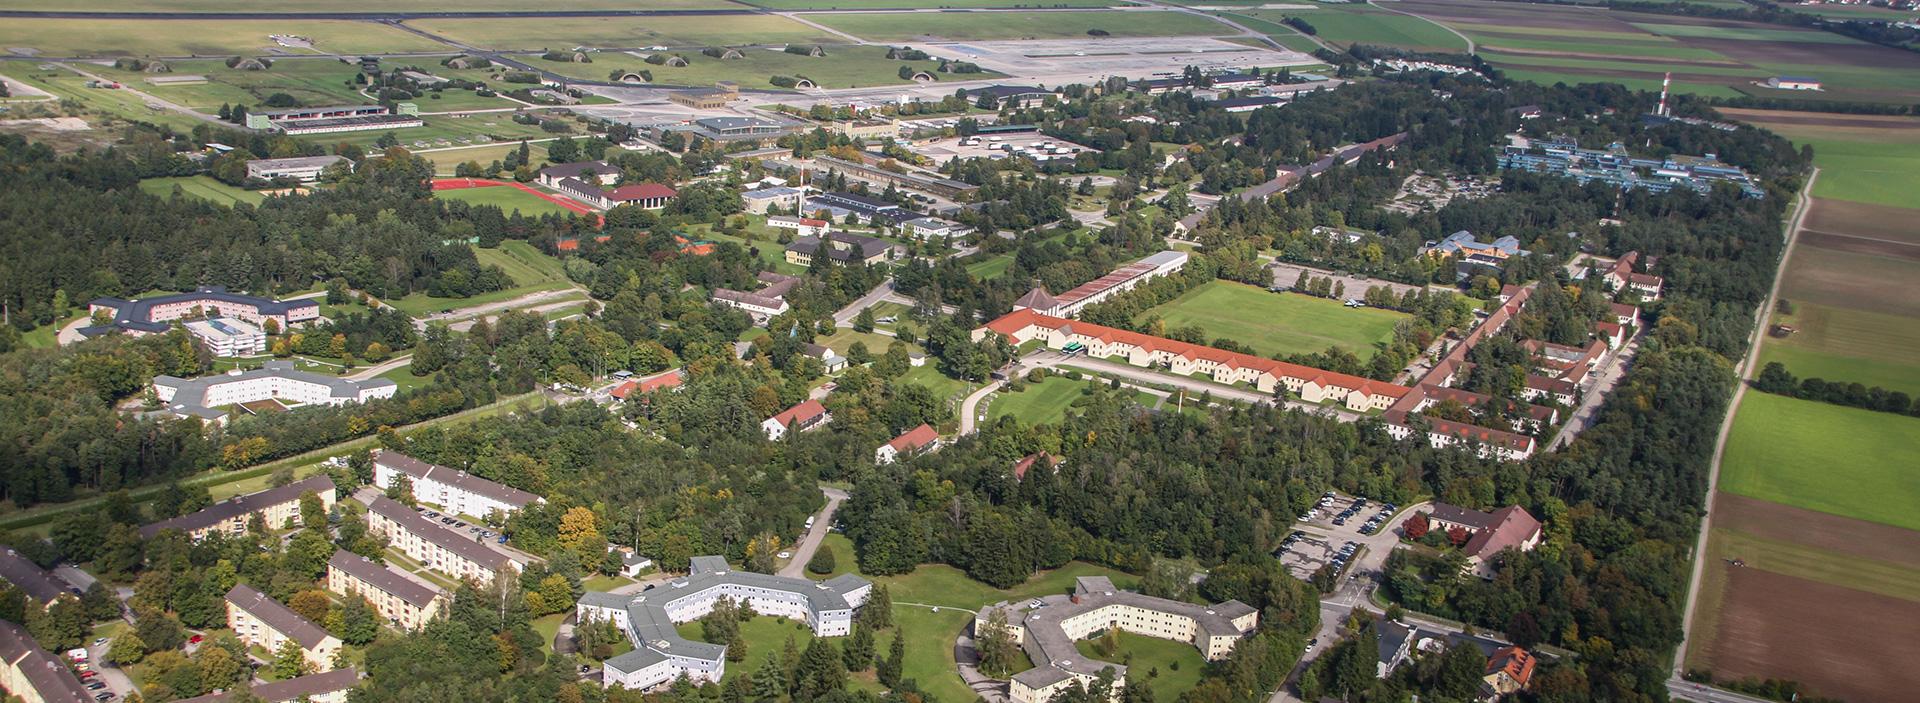 Fliegerhorstareal Fürstenfeldbruck